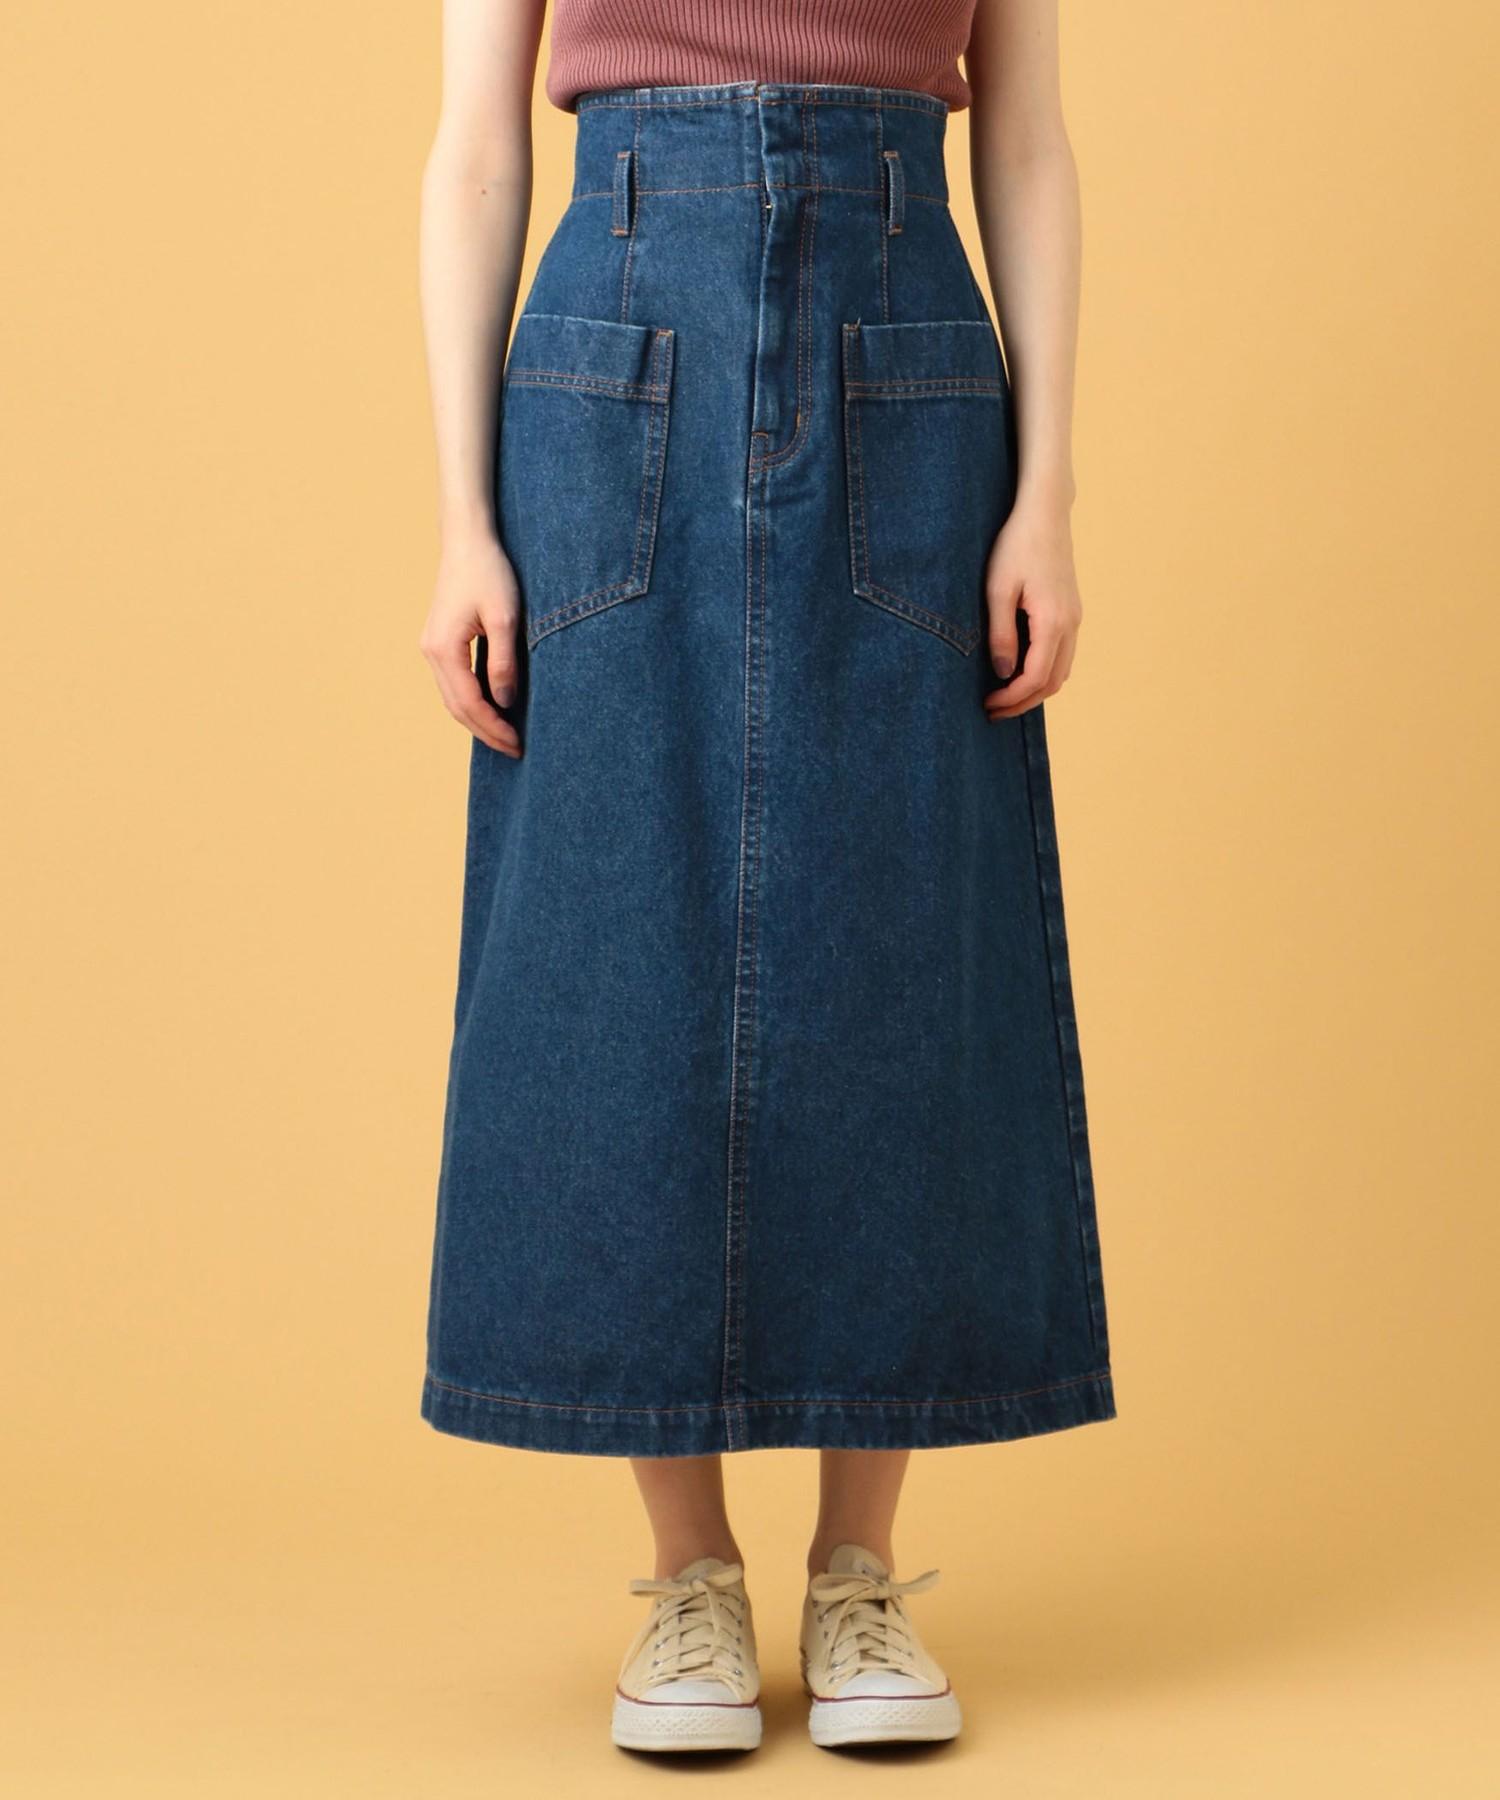 デニムミディパッチポケットスカート